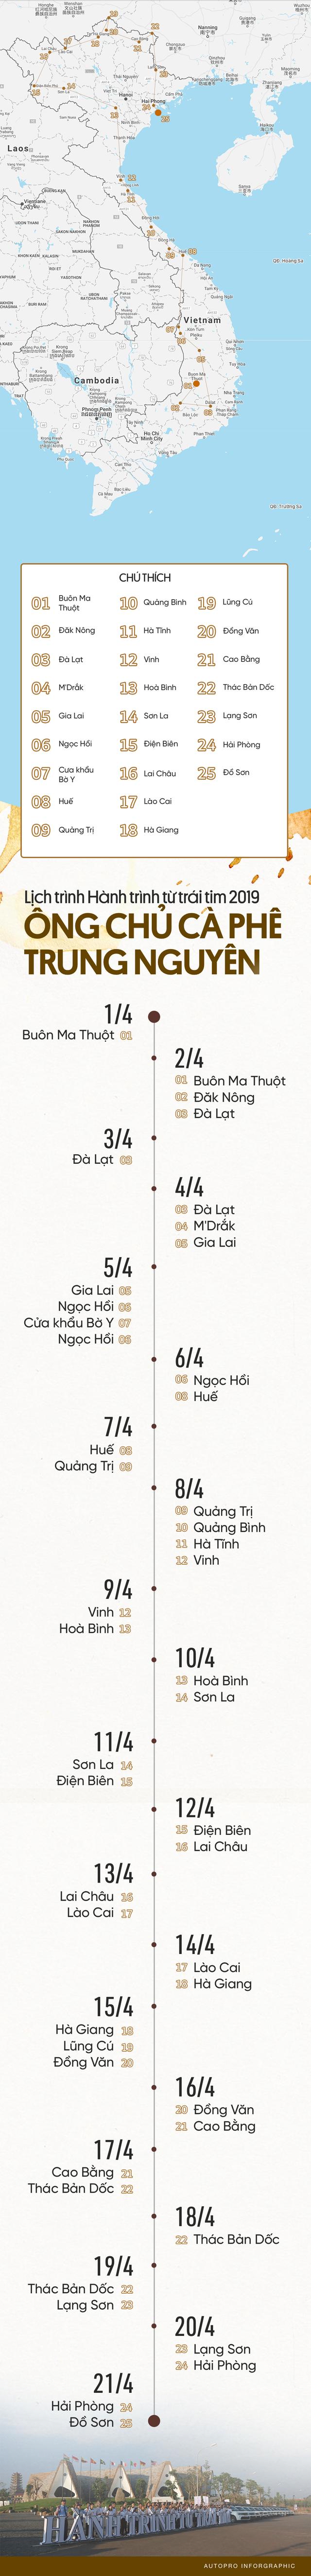 Những địa điểm mà đoàn Range Rover của Trung Nguyên dừng chân trong 22 ngày xuyên Việt - Ảnh 1.